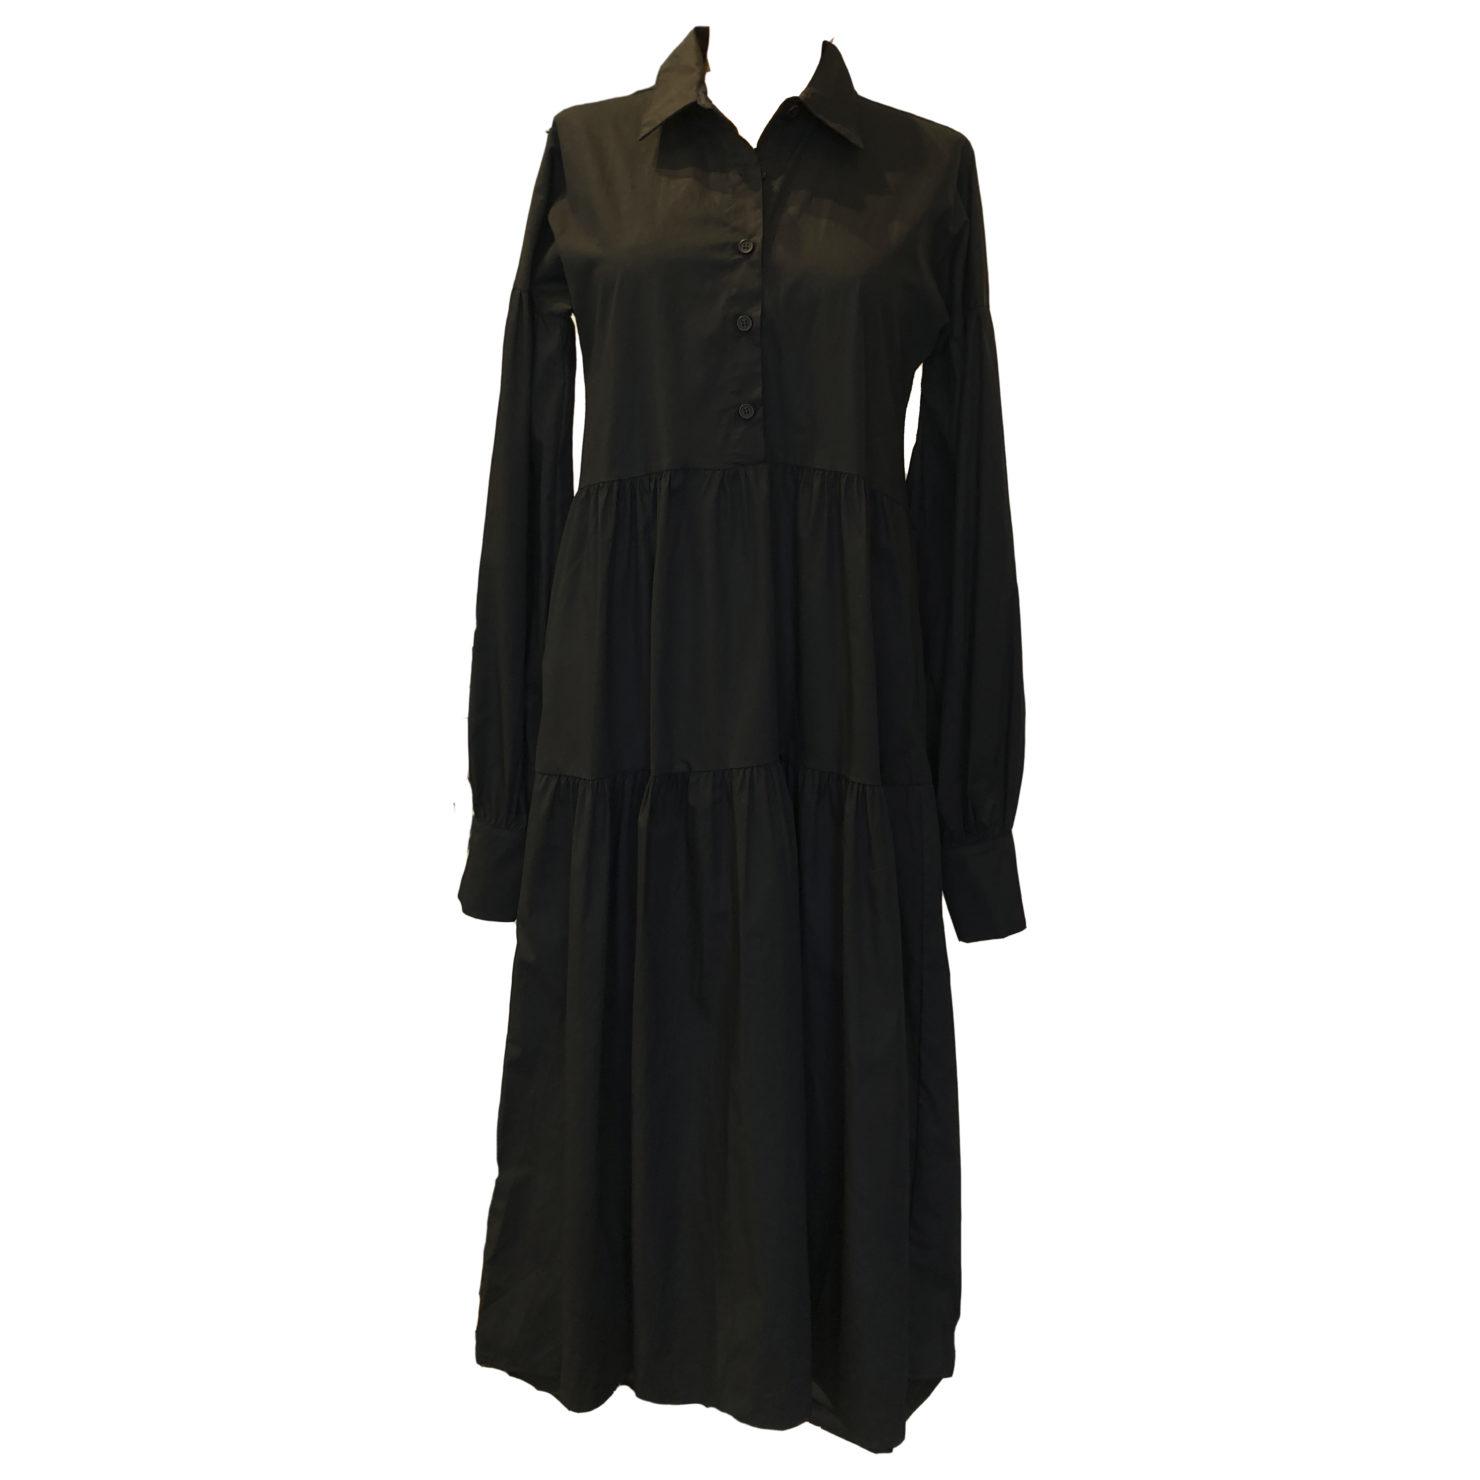 by swan | langes kleid mit kragen | schwarz